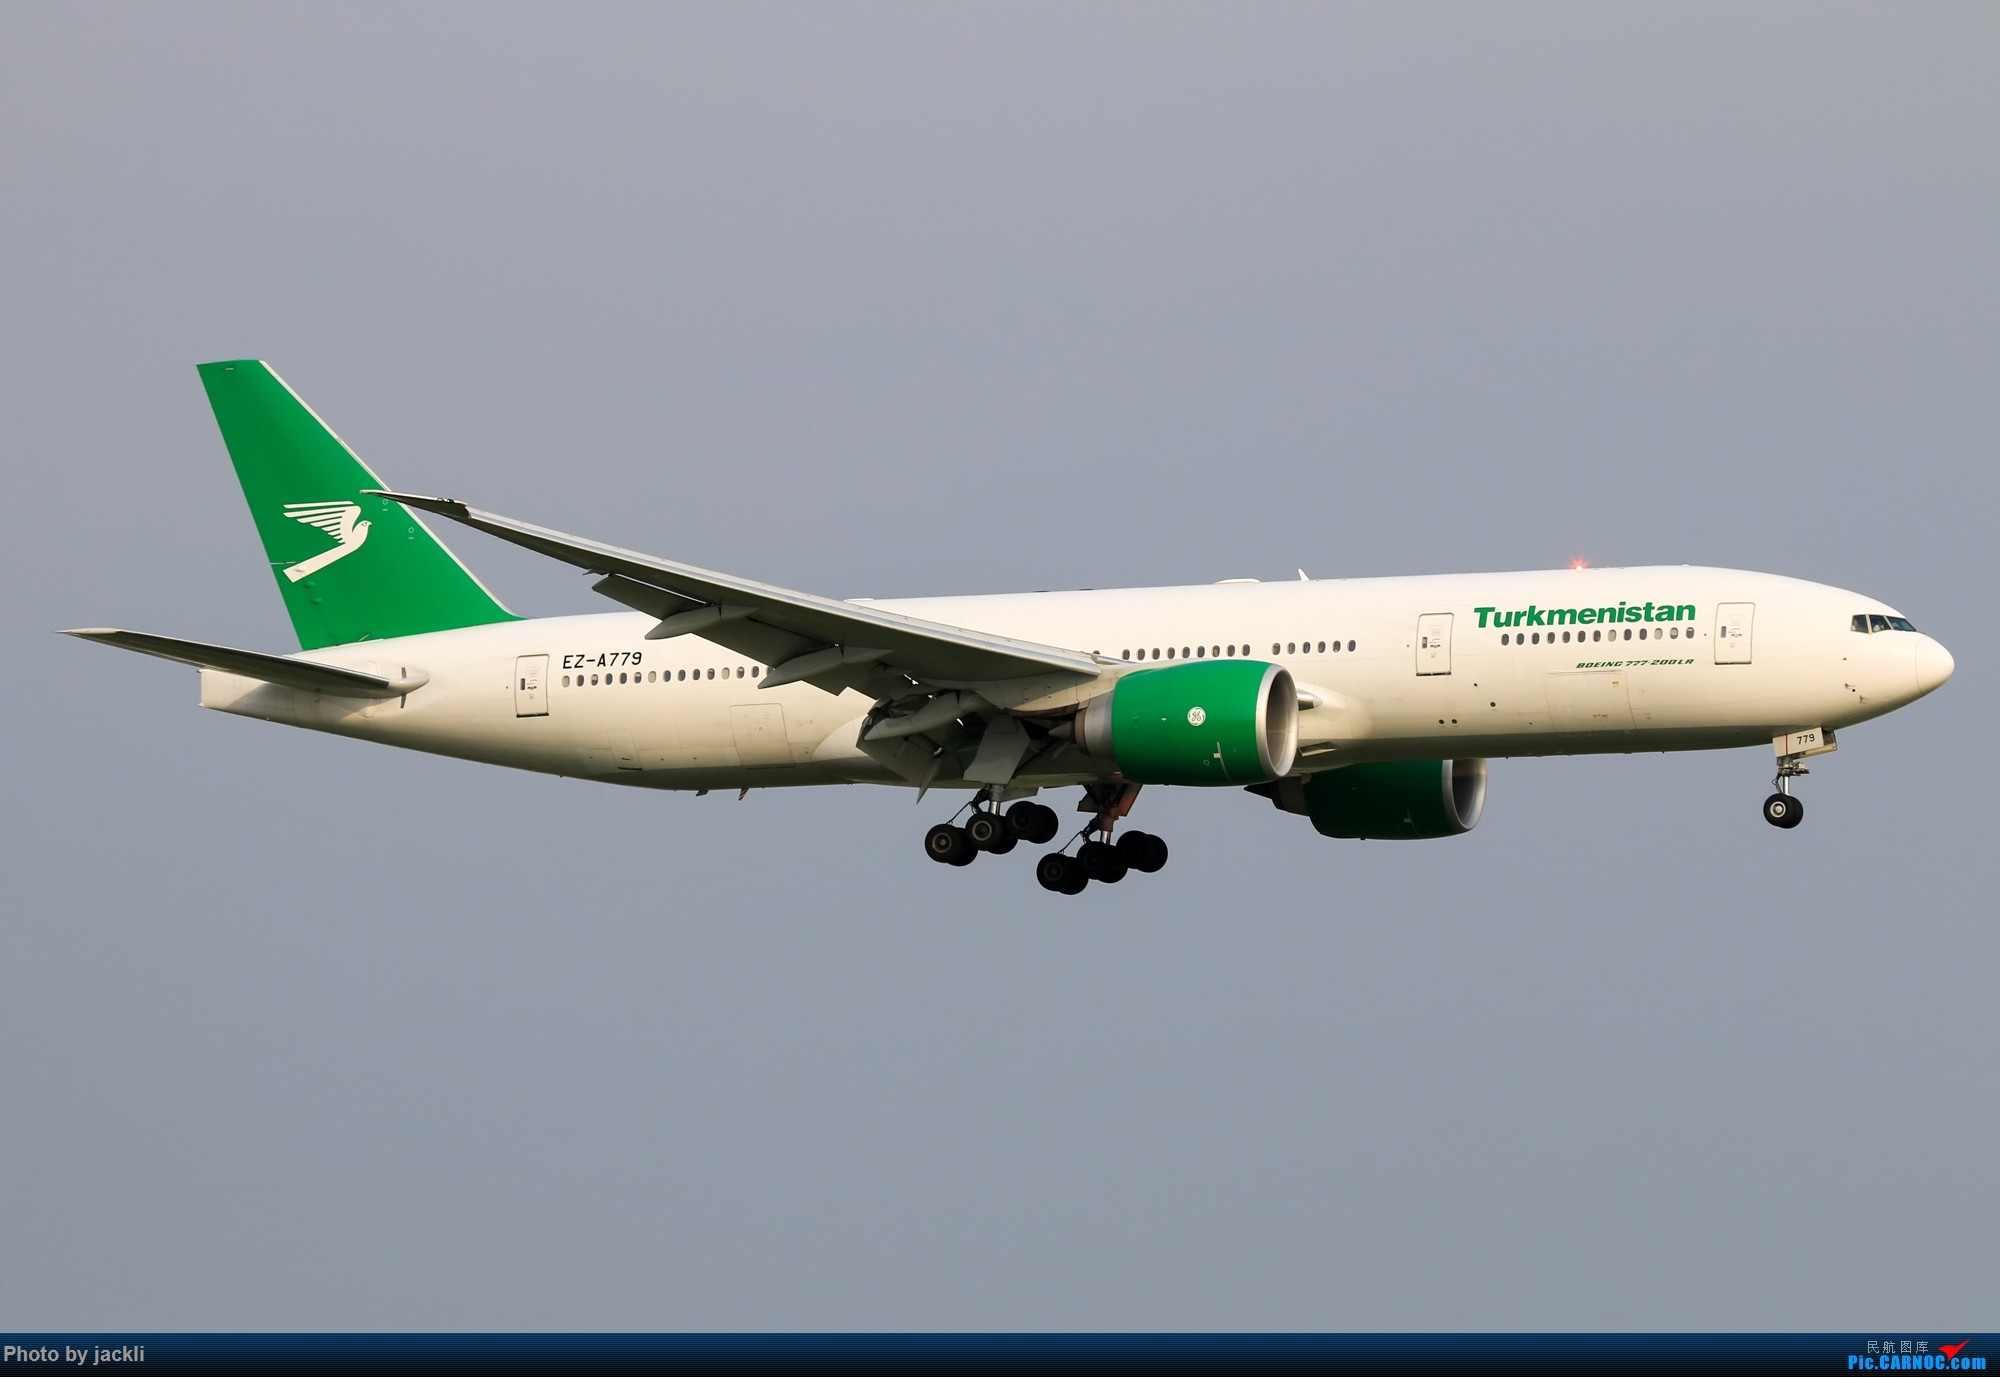 Re:[原创]【JackLi】泰国曼谷素万那普机场拍机~ BOEING 777-200 EZ-A779 泰国曼谷素万那普国际机场